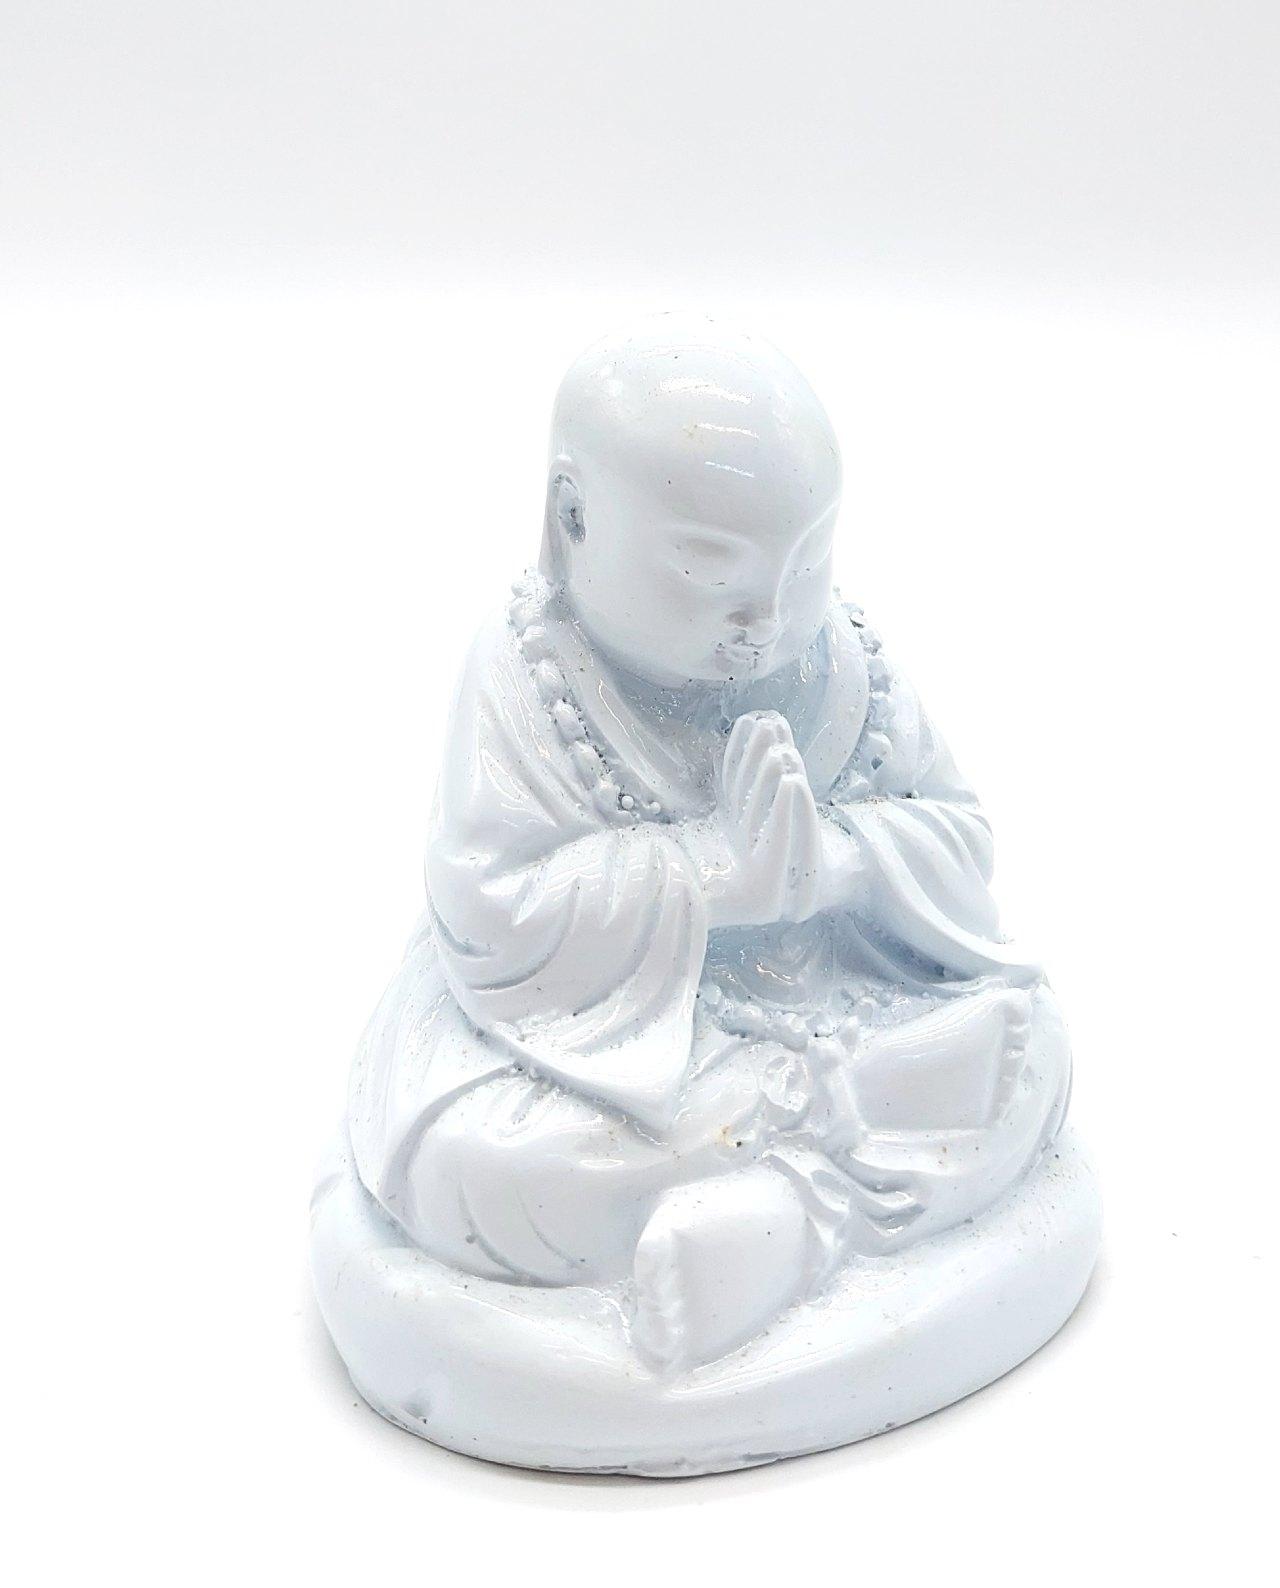 Monk Resin Height 10 cm white